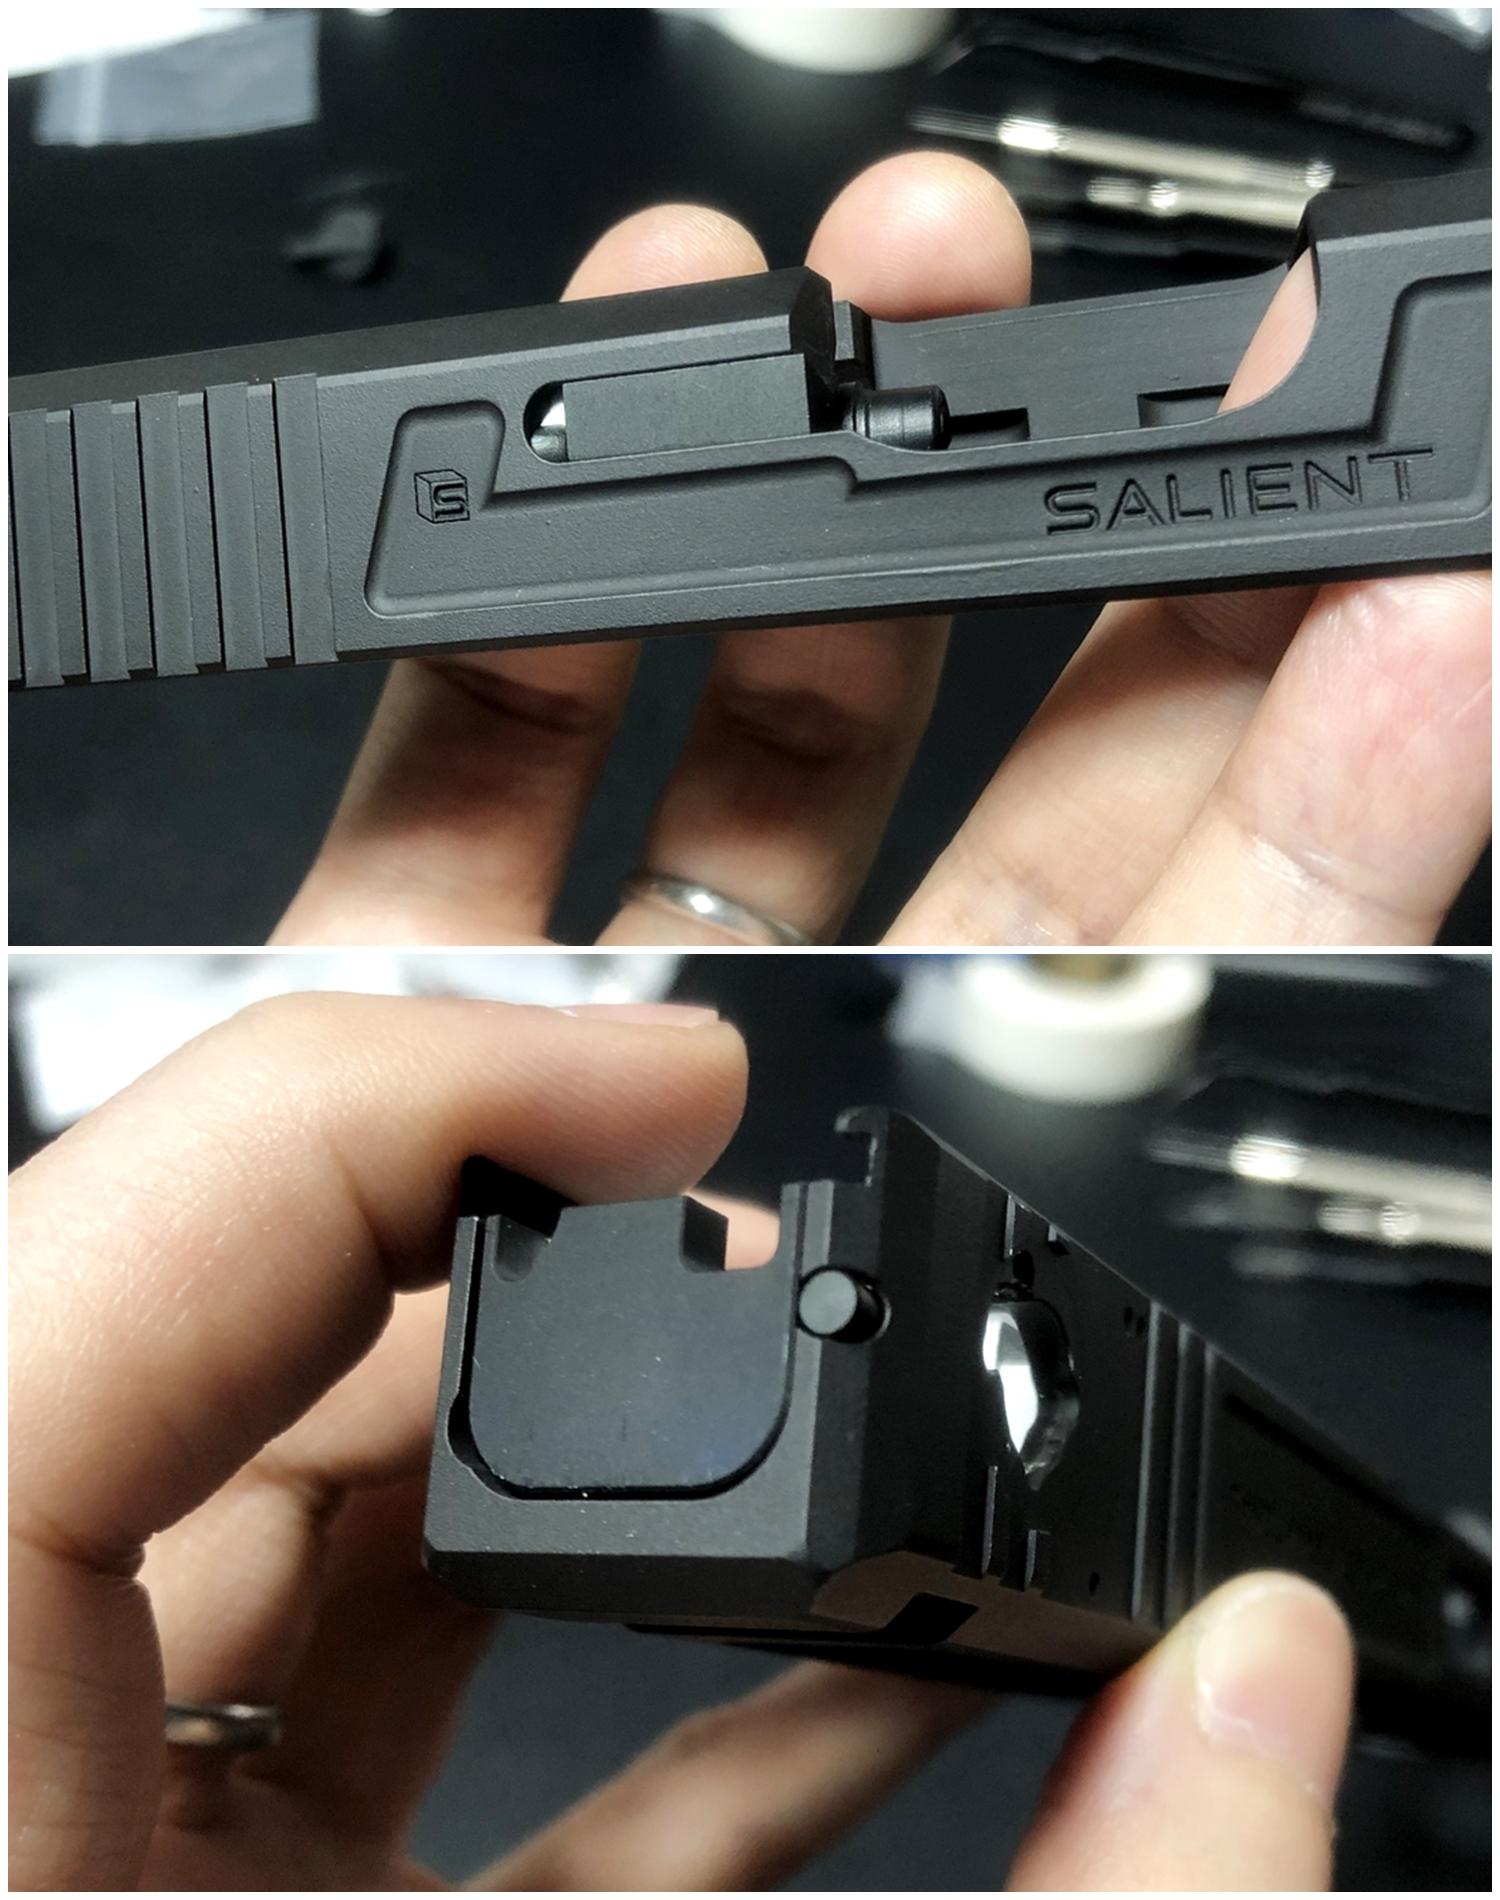 19-4【前半】 SAI GLOCK カスタムスライド G18C 組込完了!! やっと組み立てたぞ!! Guns Modify Salient Arms GM0251 スライドパーツ 購入 組込 分解 取付 カスタム レビュー!!